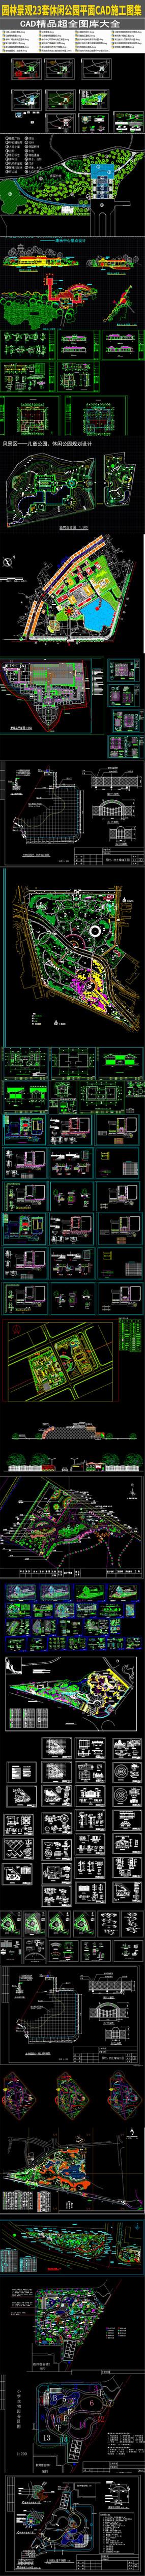 23套休闲公园平面CAD建筑图集